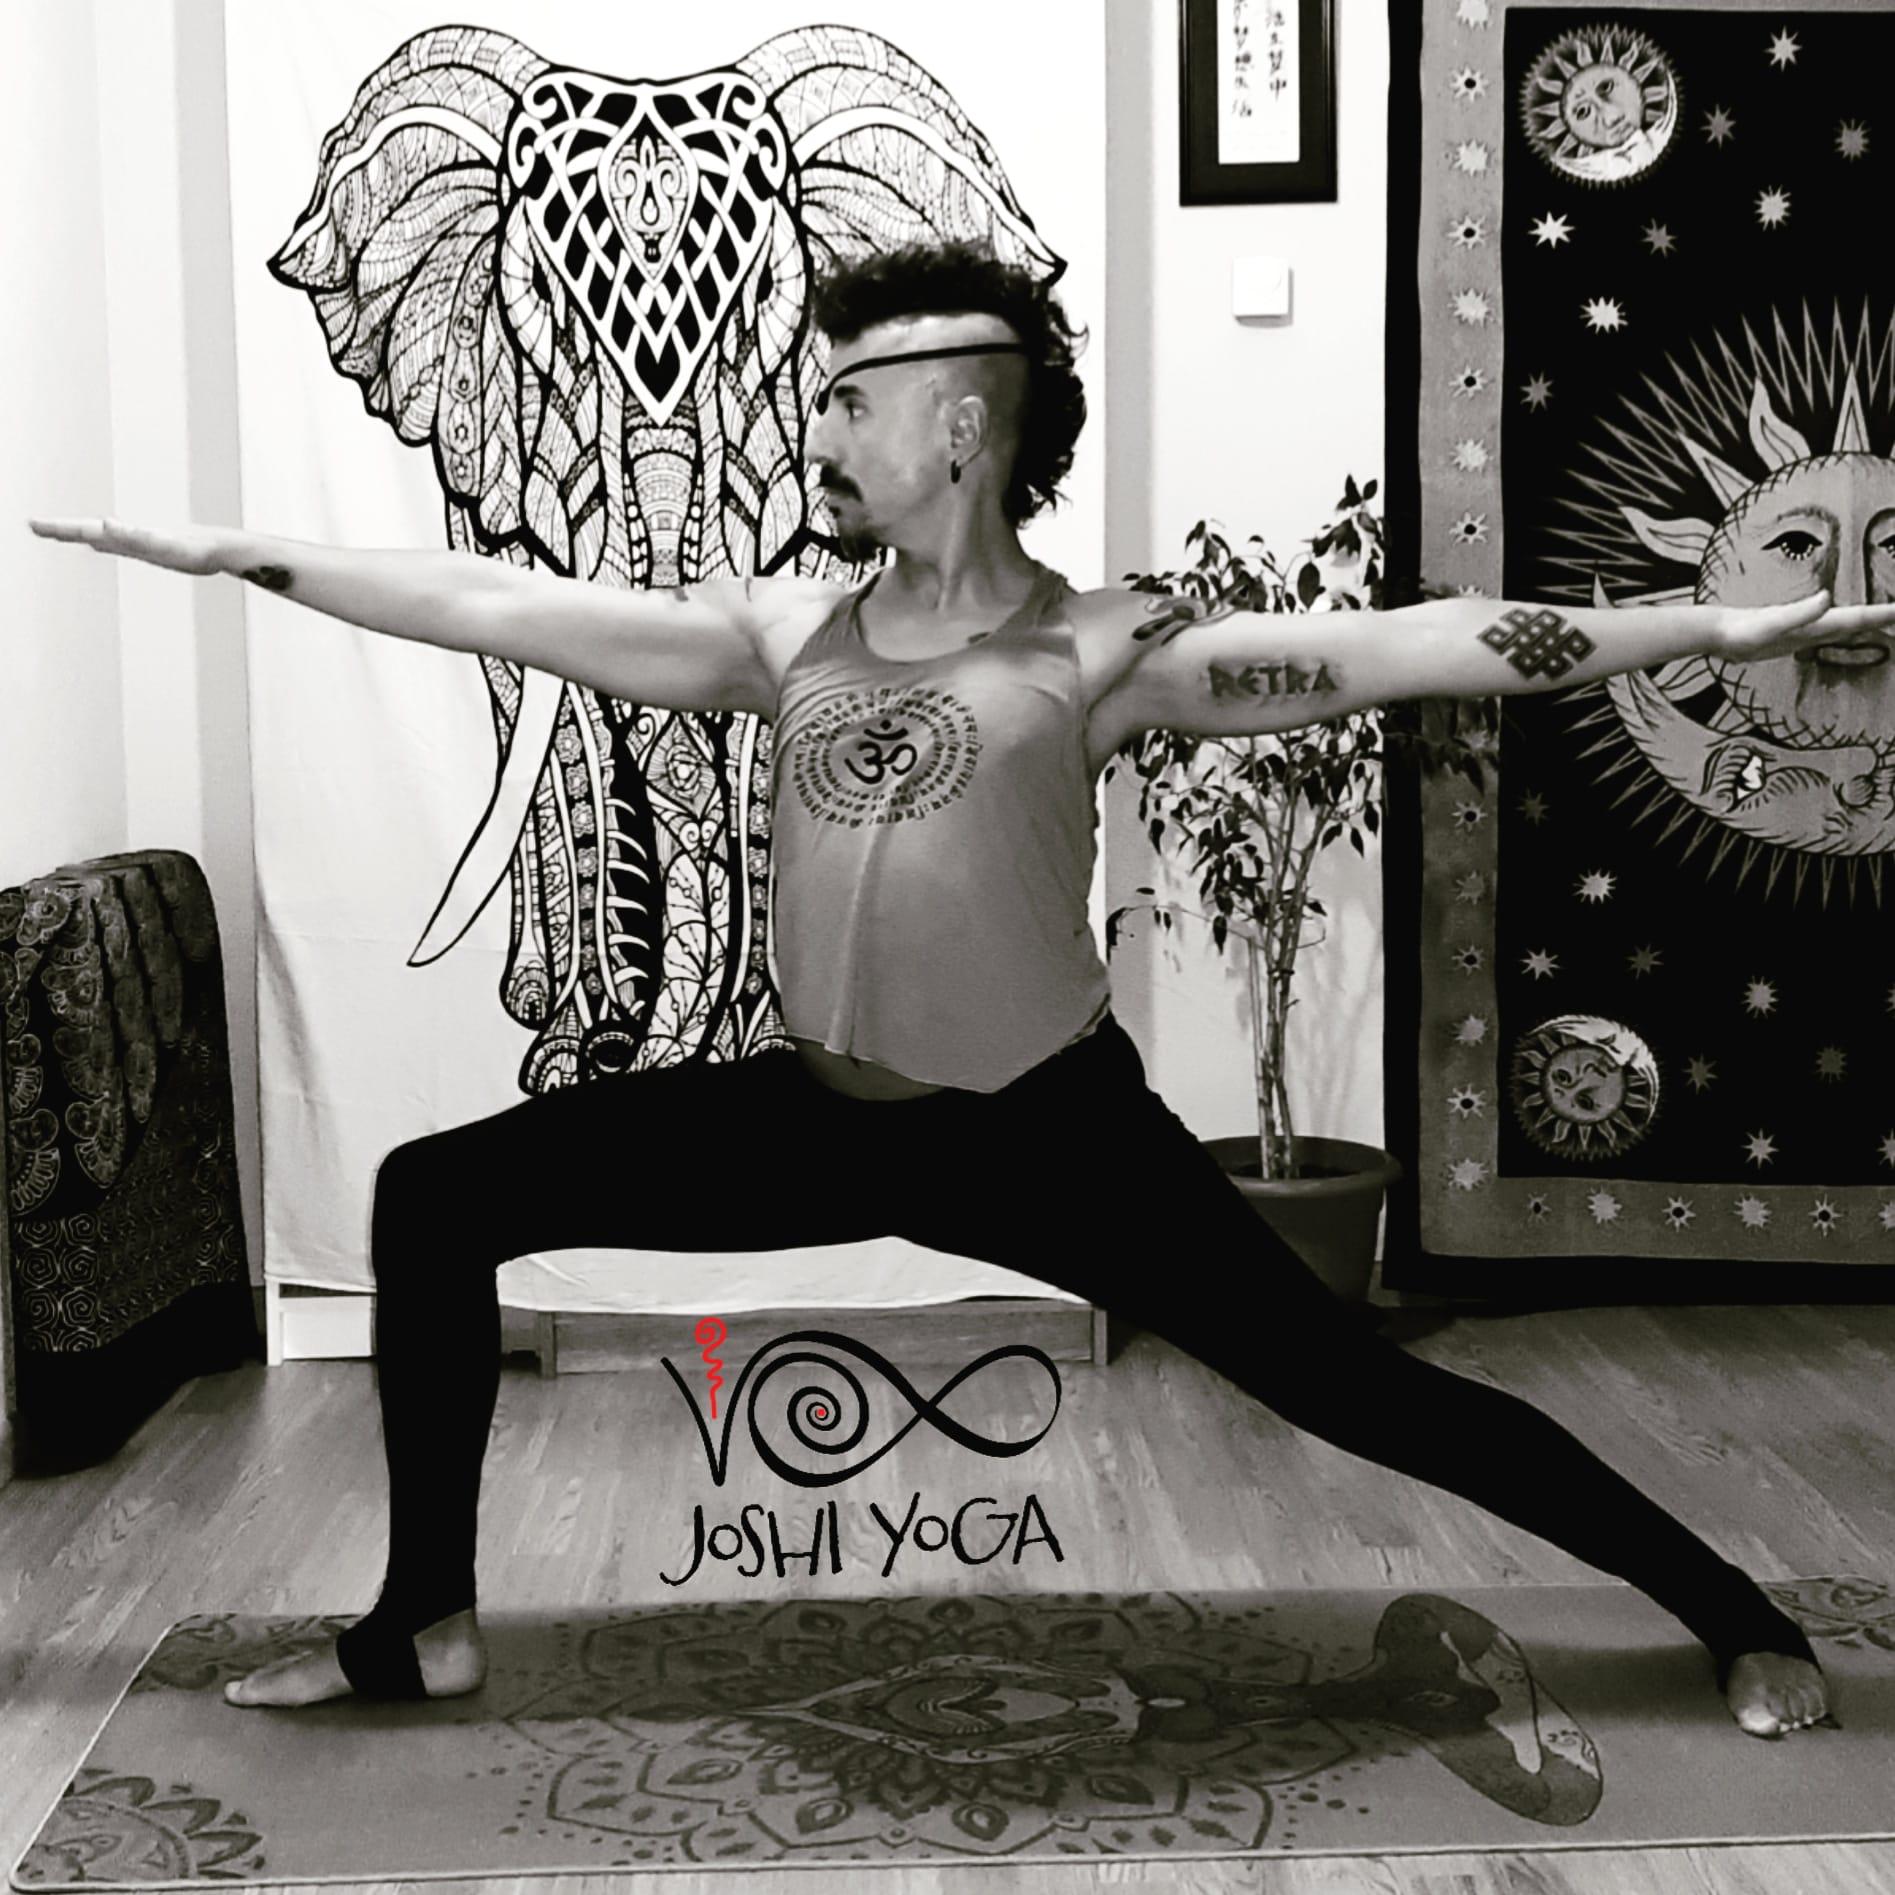 Profe Yoga Yoshi Yoga